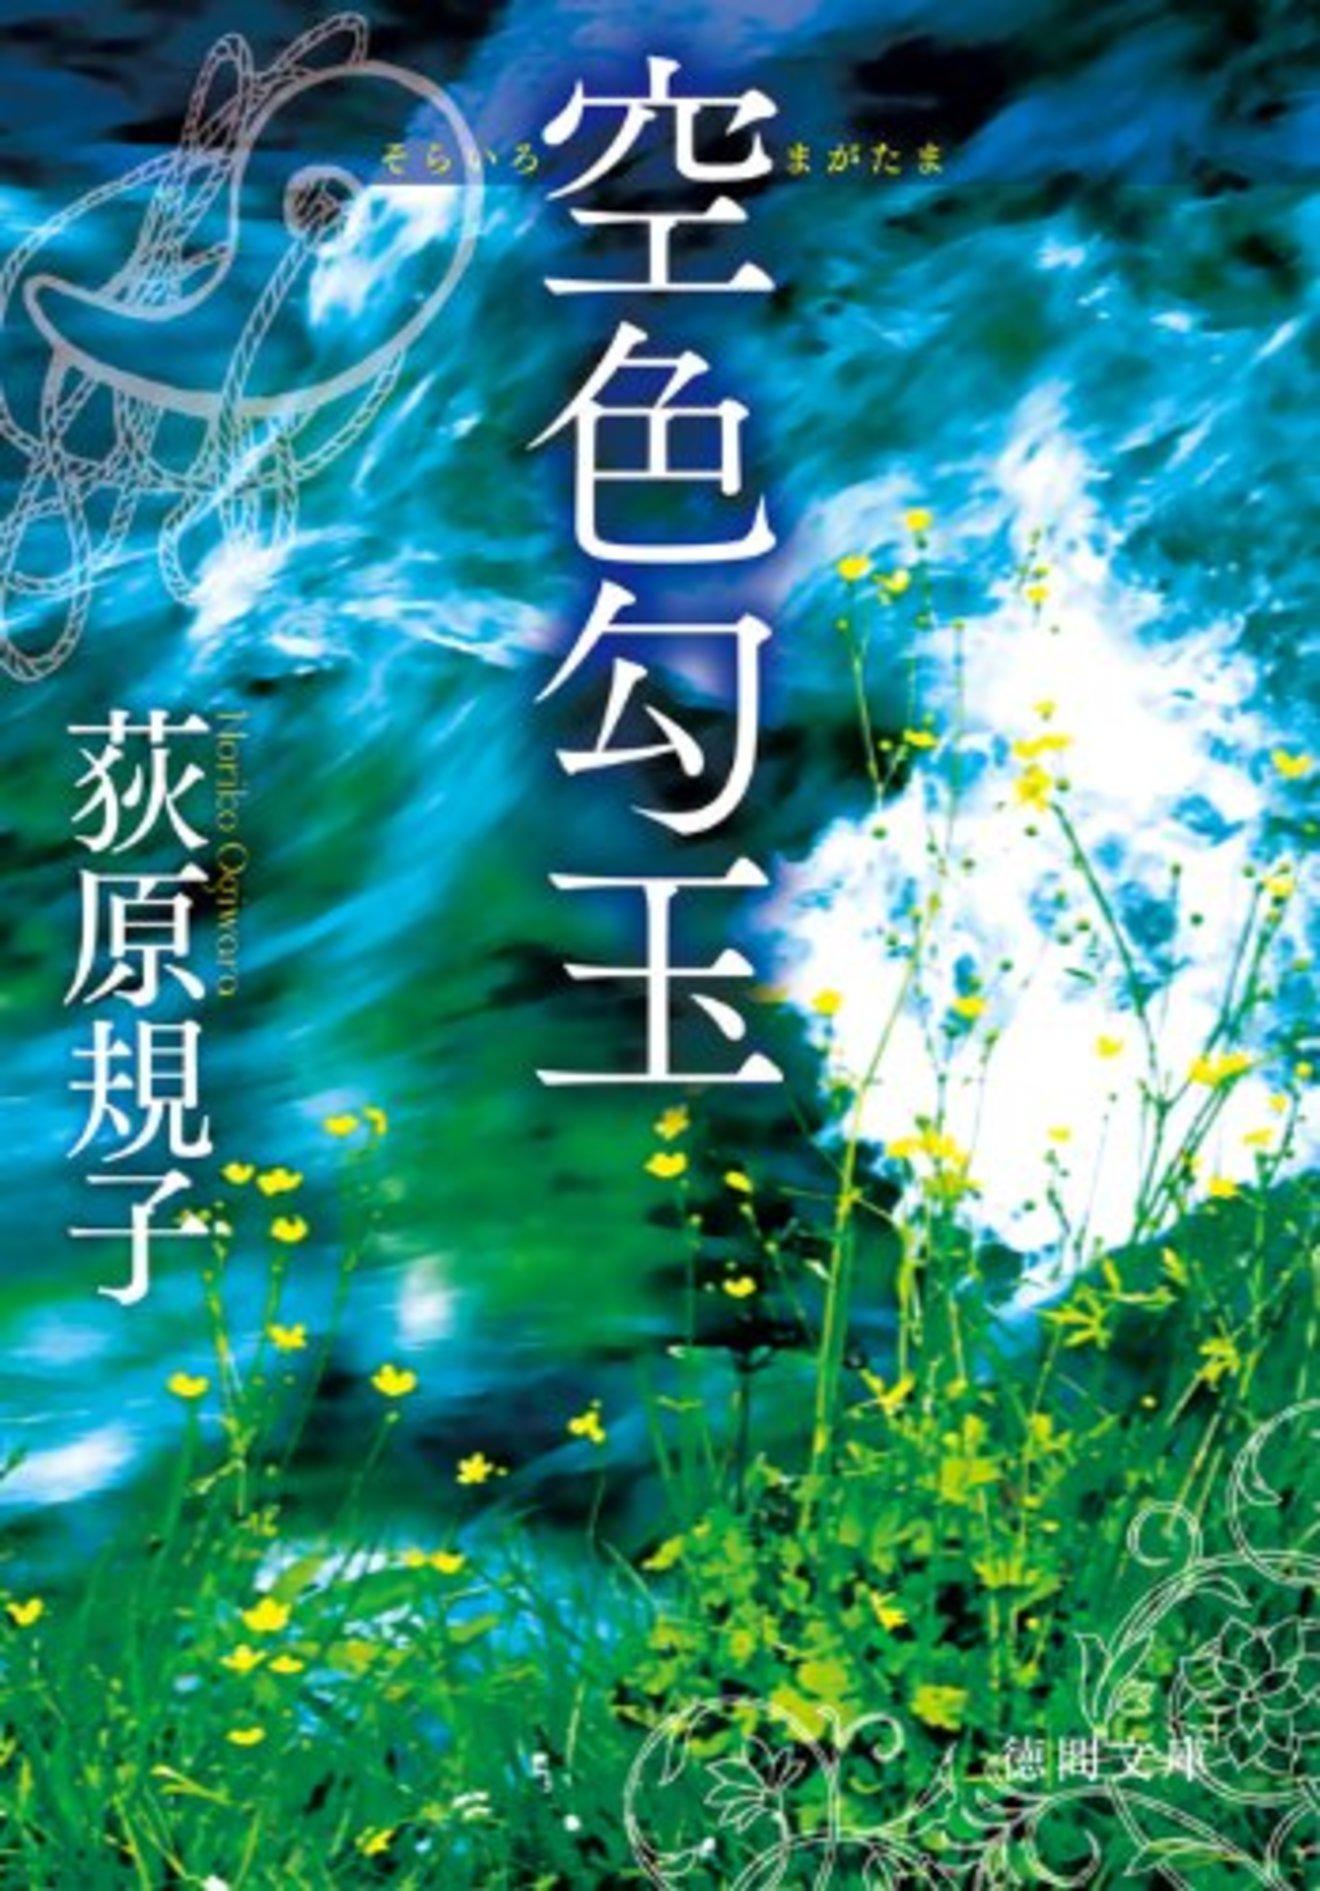 『空色勾玉』と「勾玉」シリーズの魅力を考察!恋愛小説としても面白い!